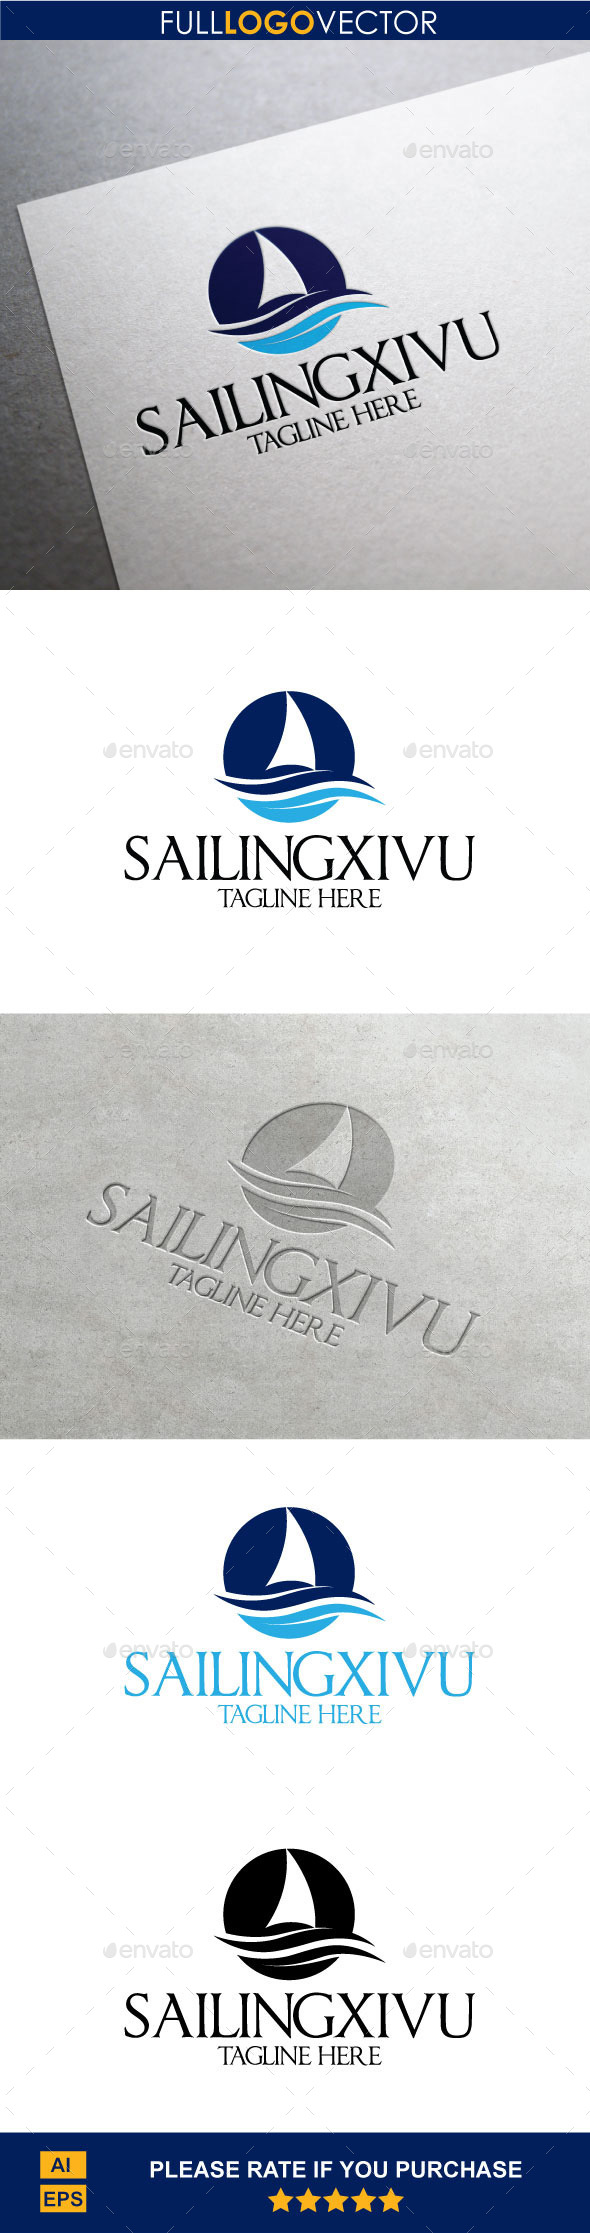 GraphicRiver Sailingxivu 9943301